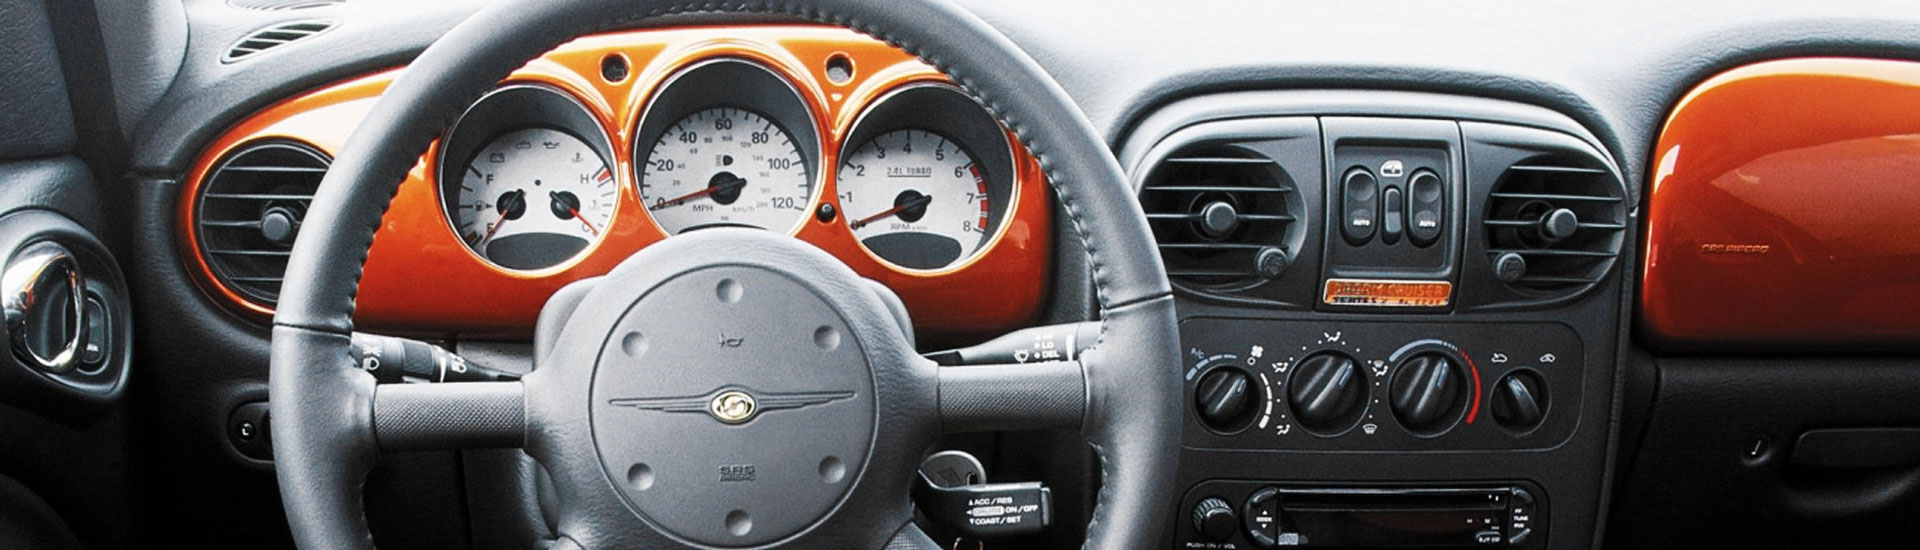 Chrysler Pt Cruiser Dash Kits Custom Chrysler Pt Cruiser